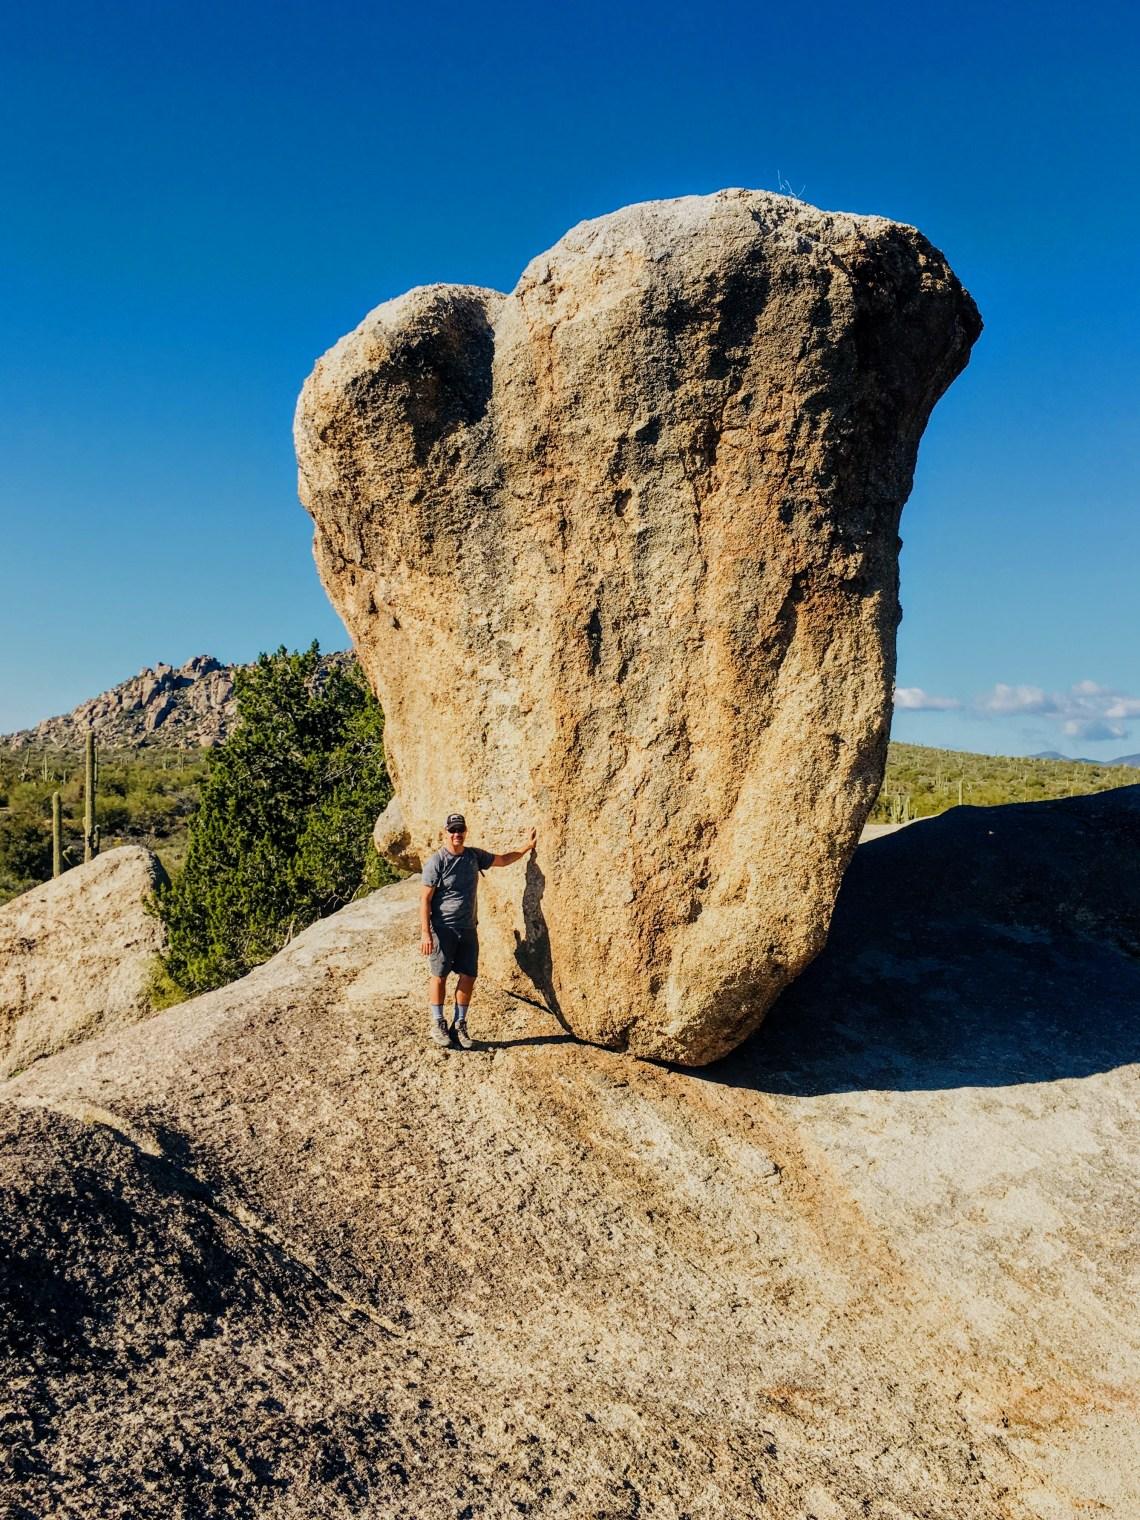 man standing at base of large balanced rock